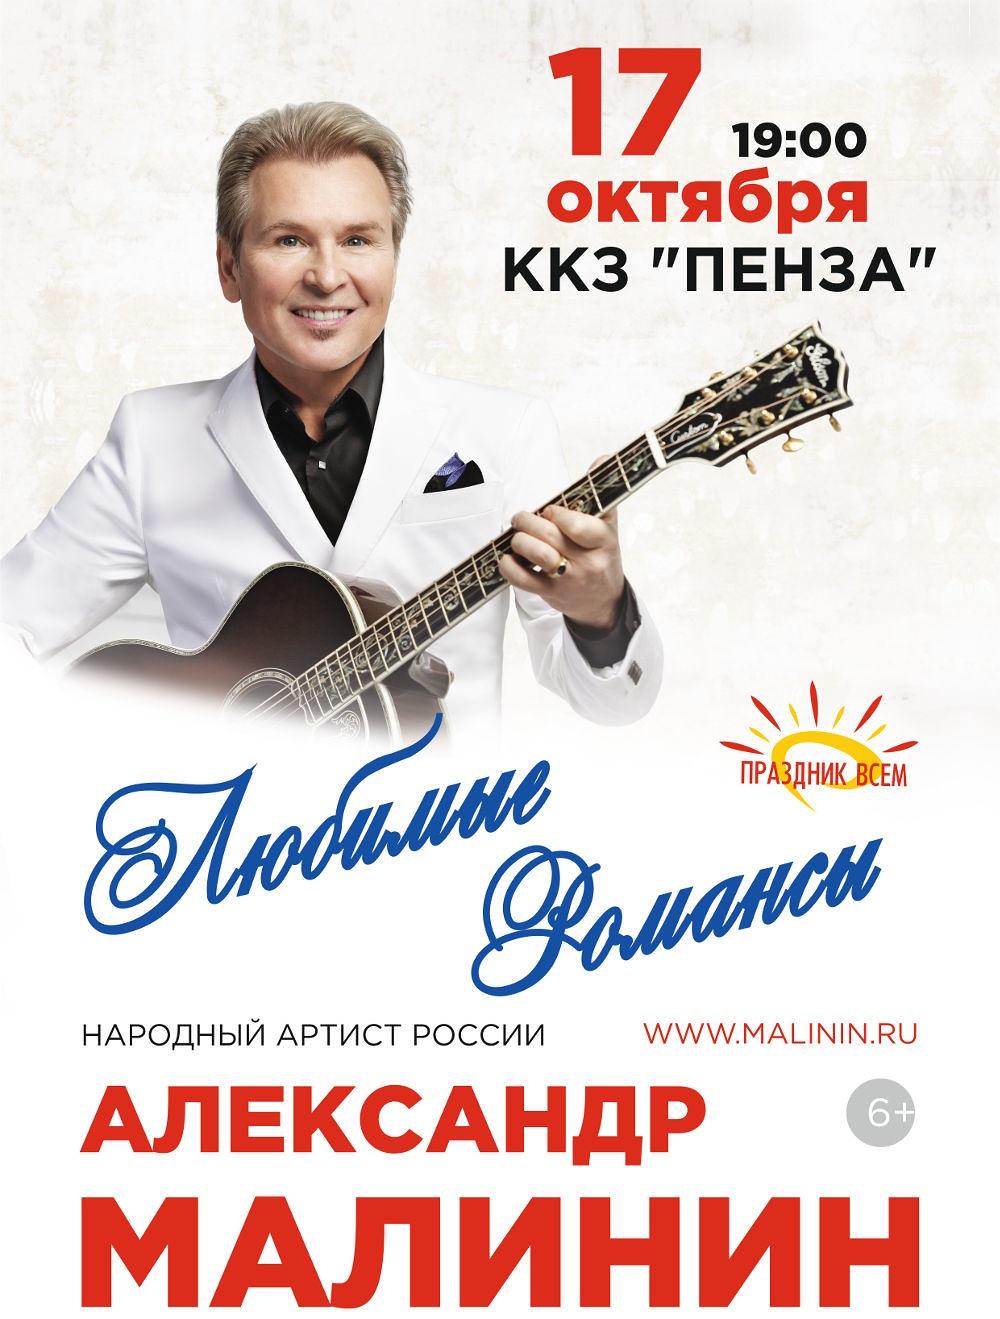 Где купить билет на концерт пенза питер театры афиша октябрь 2016